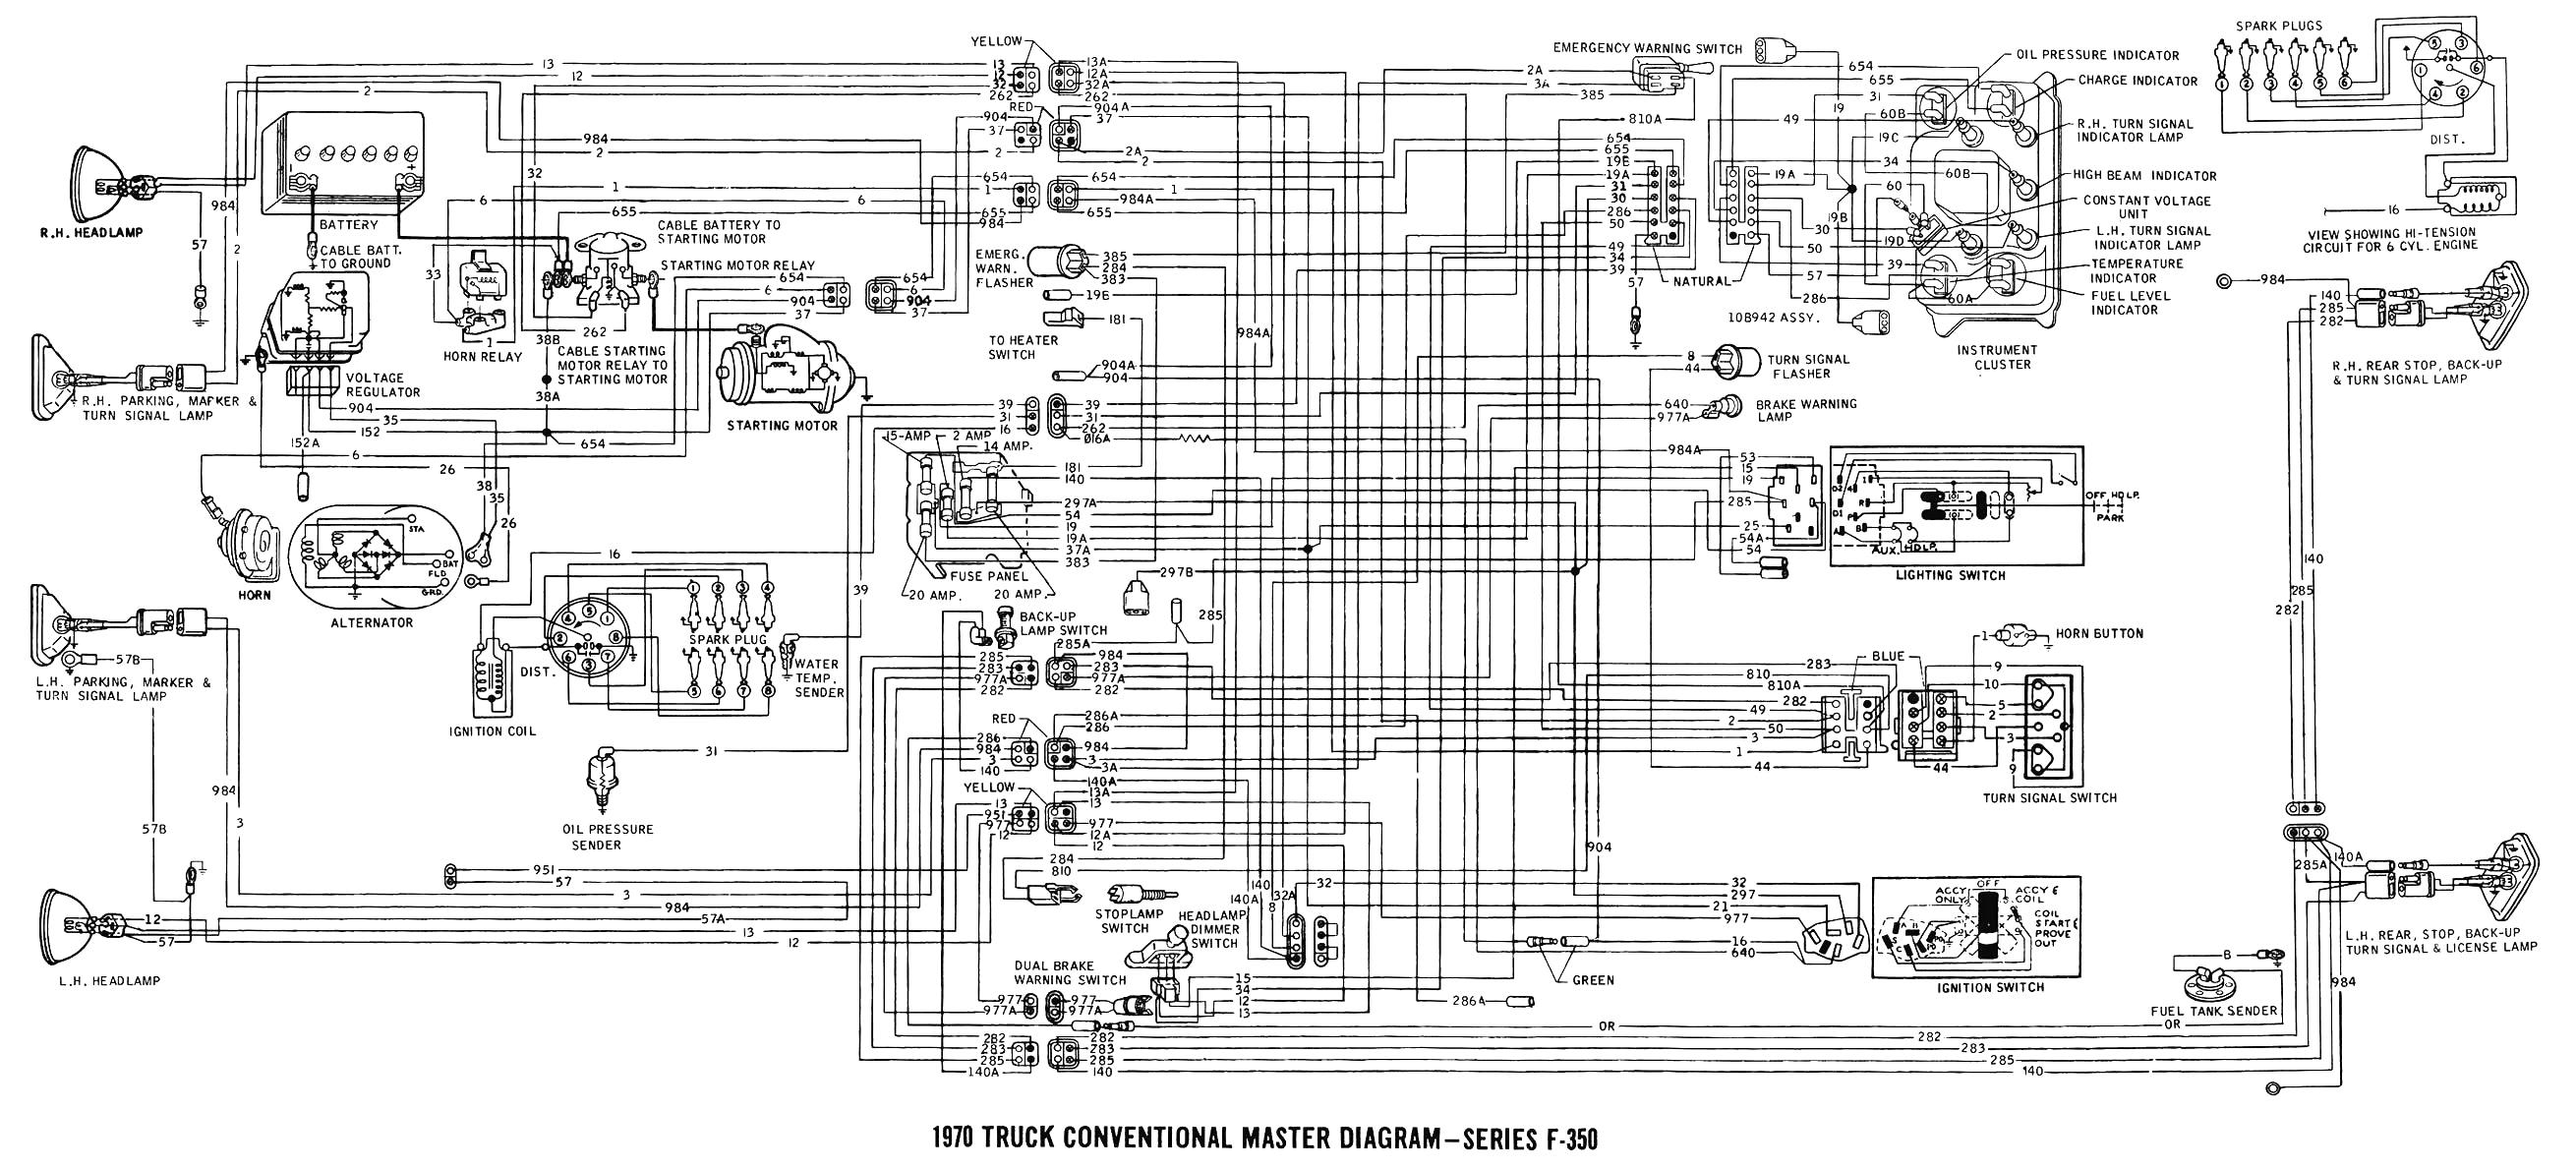 alternator wiring diagram lucas generator to alternator conversion alternator wiring diagram lucas on